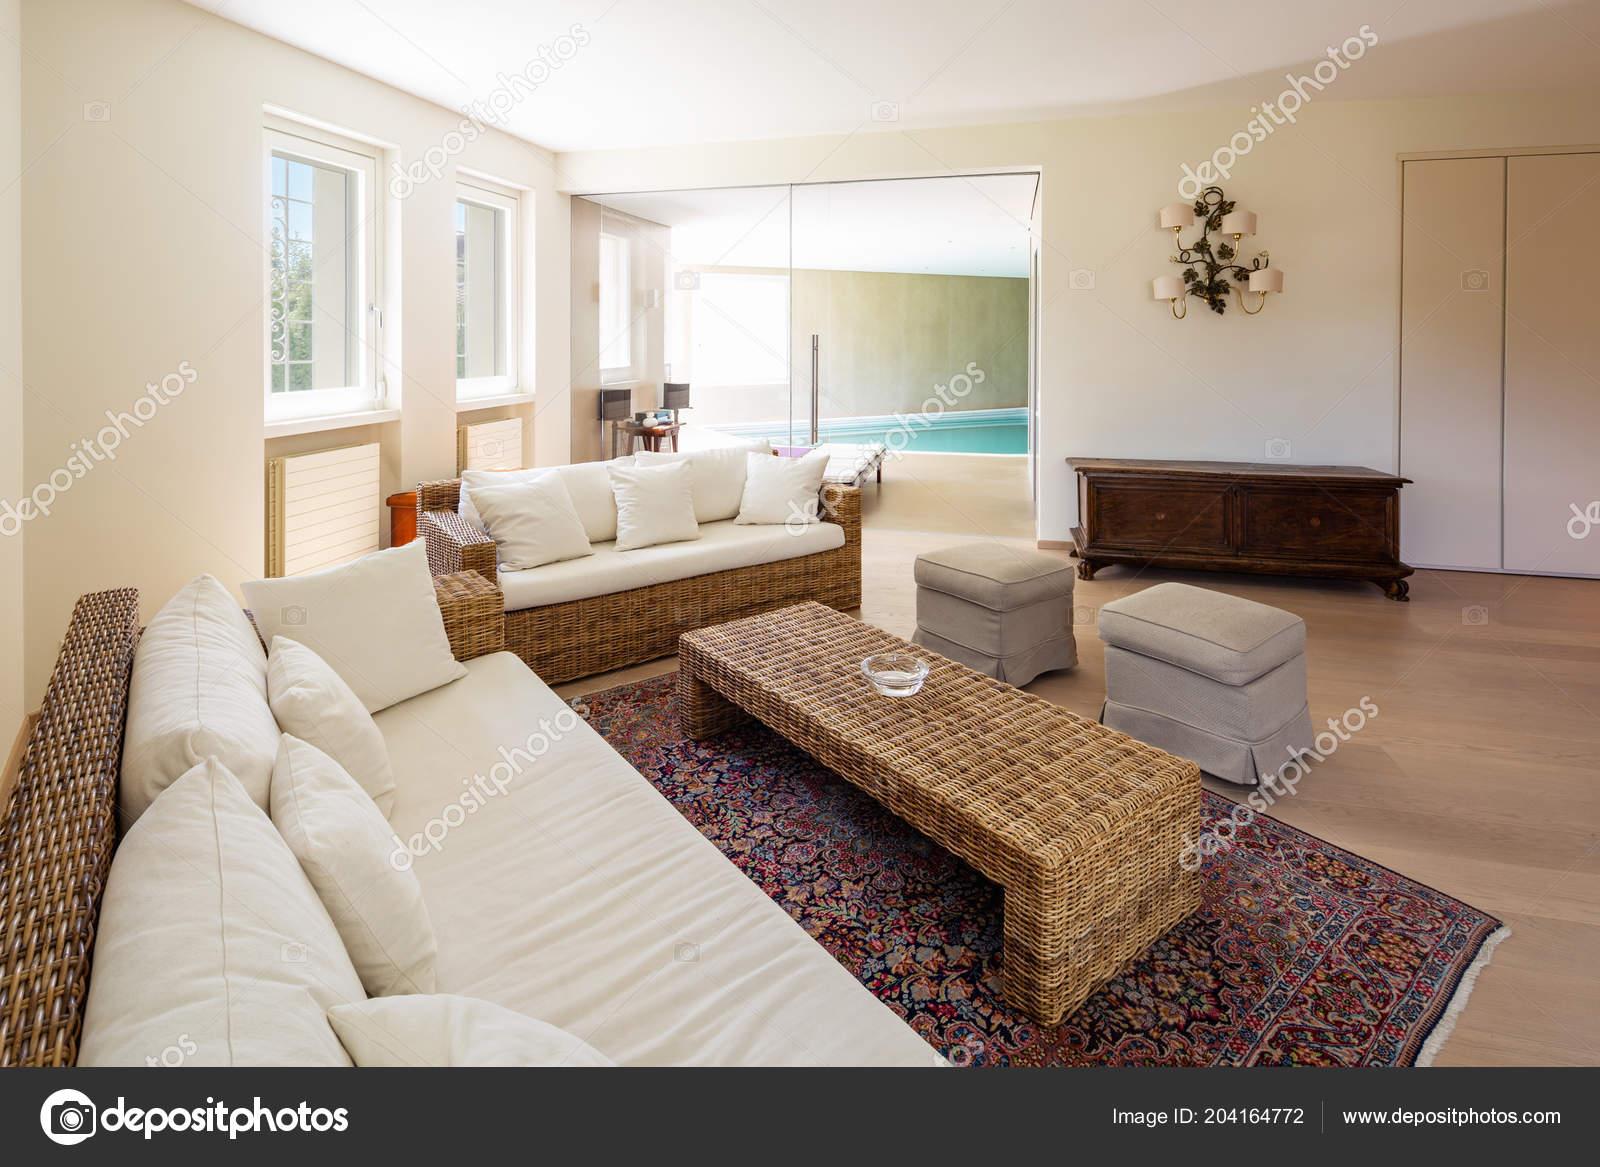 Salon moderne avec des meubles en osier dans une villa de conception personne à lintérieur images de stock libres de droits